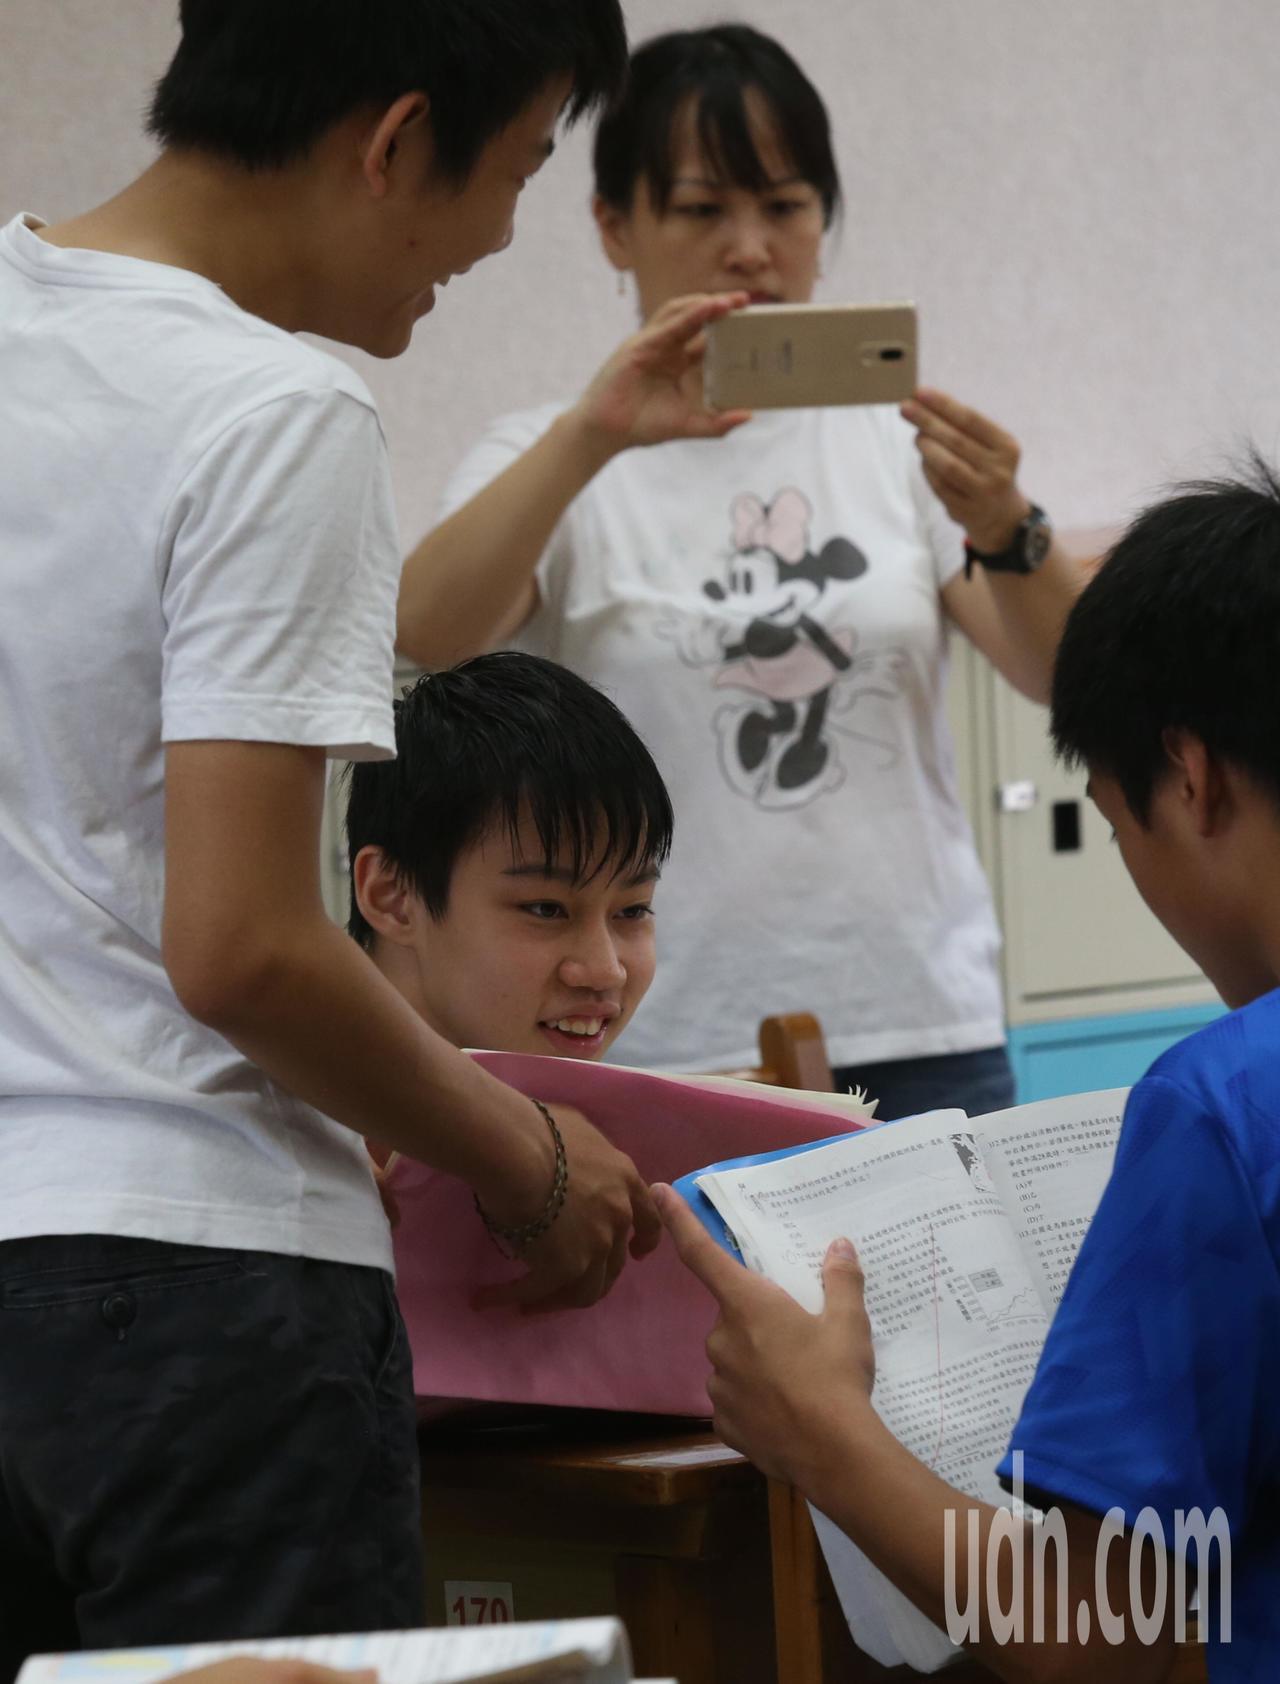 國中教育會考今天登場,一早考生在家長陪同下,進入考場準備應試,並不忘拍照留念。記...